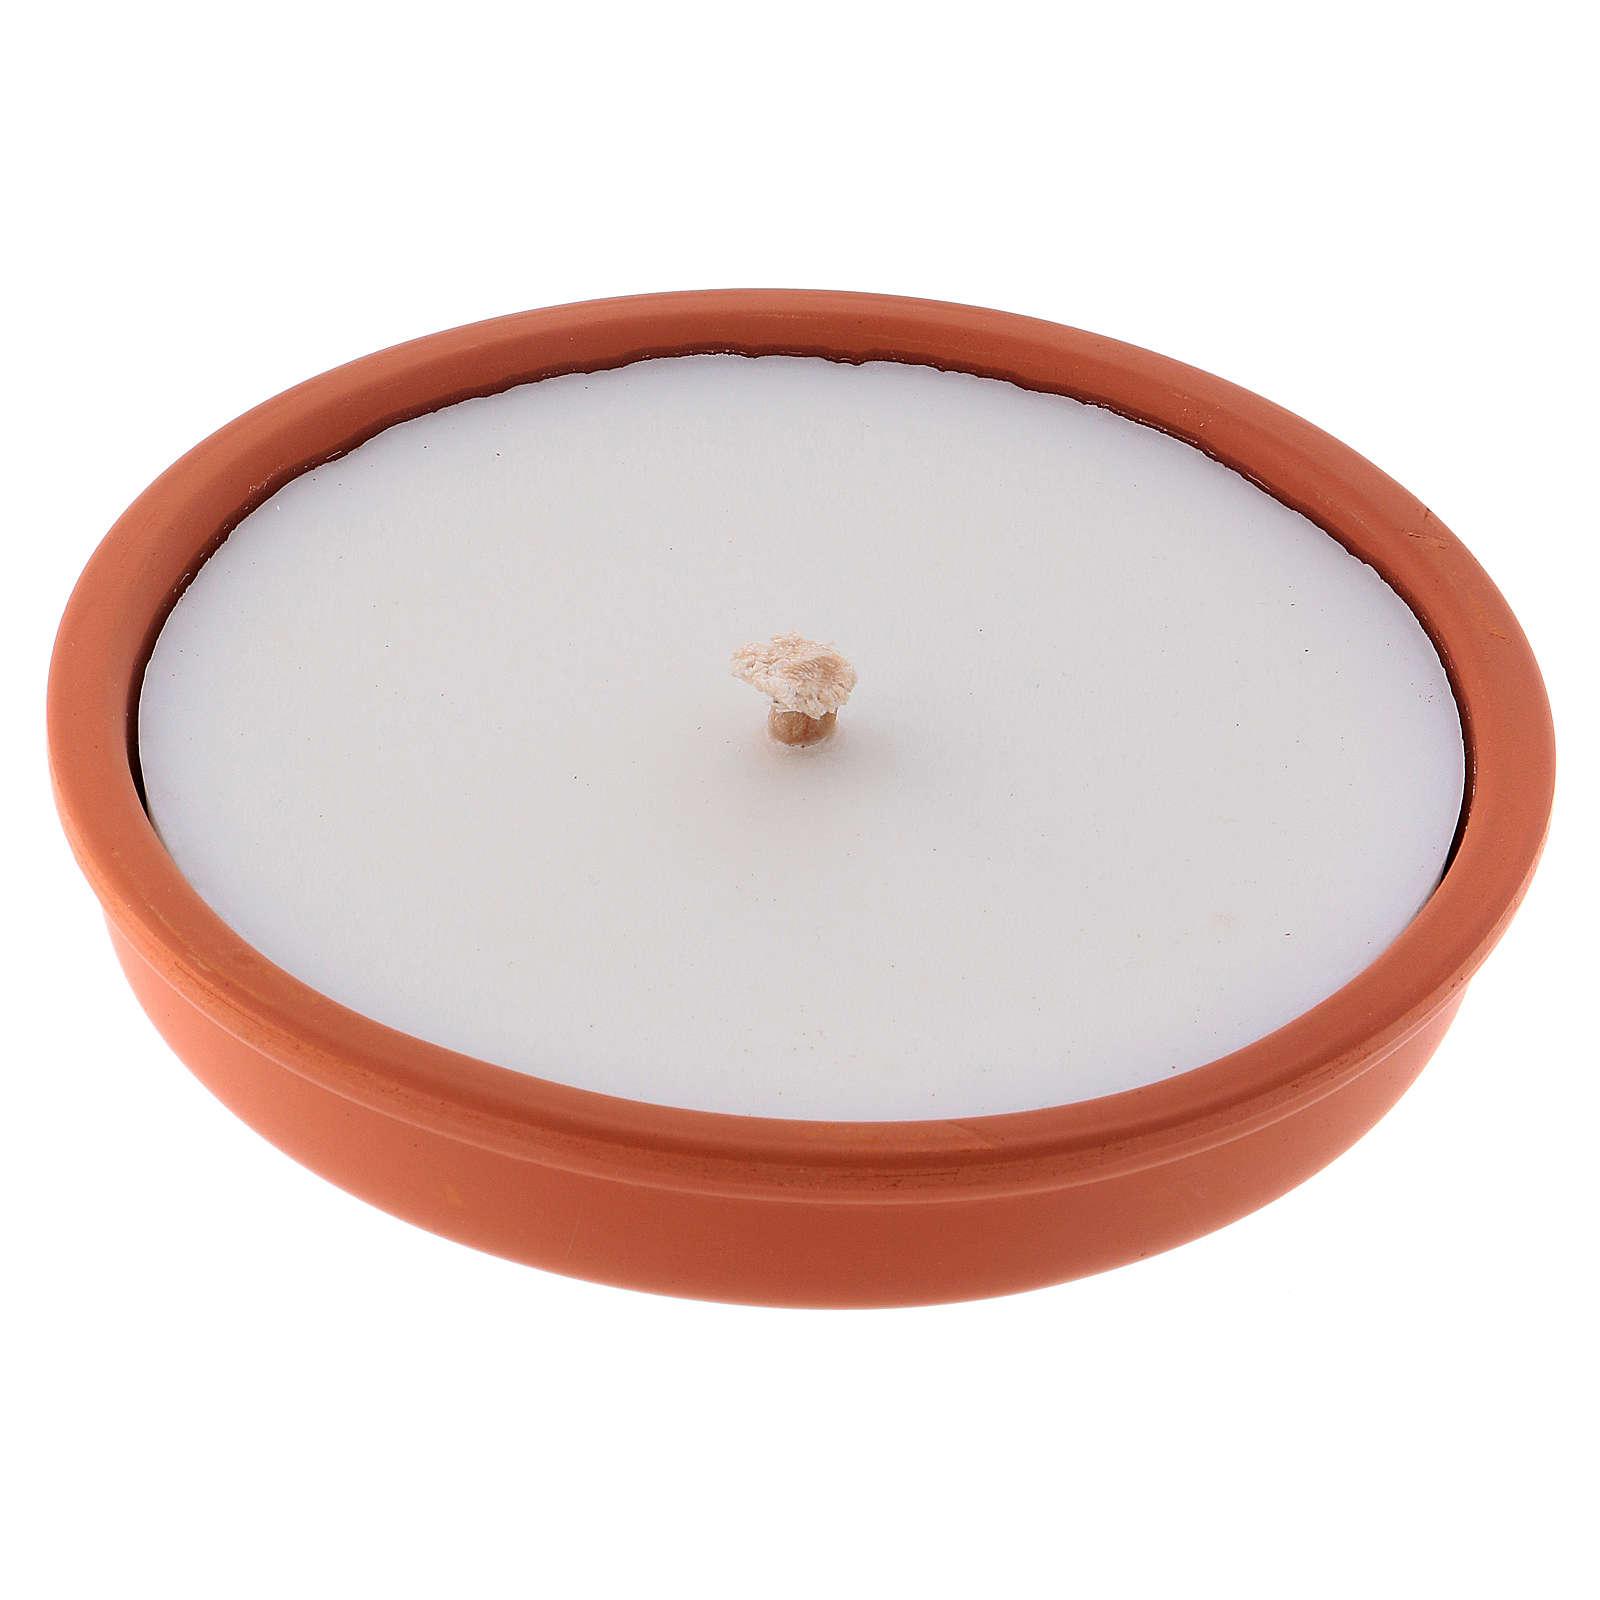 Świeczka na zewnątrz w terakocie, wosk biały 3